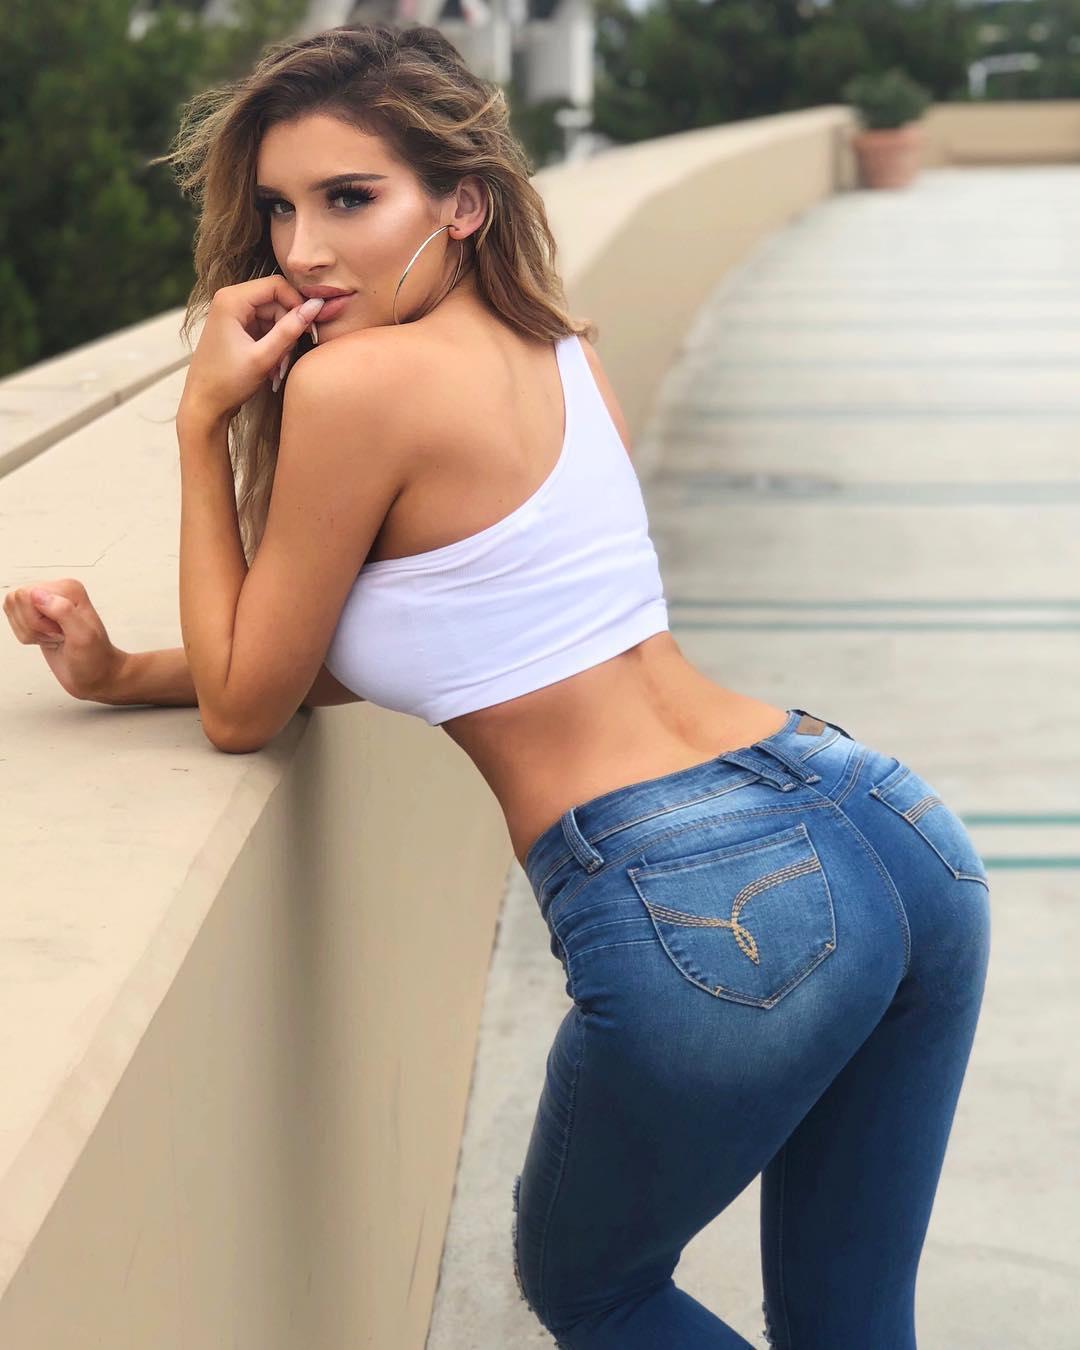 Роскошные попки в джинсах #2